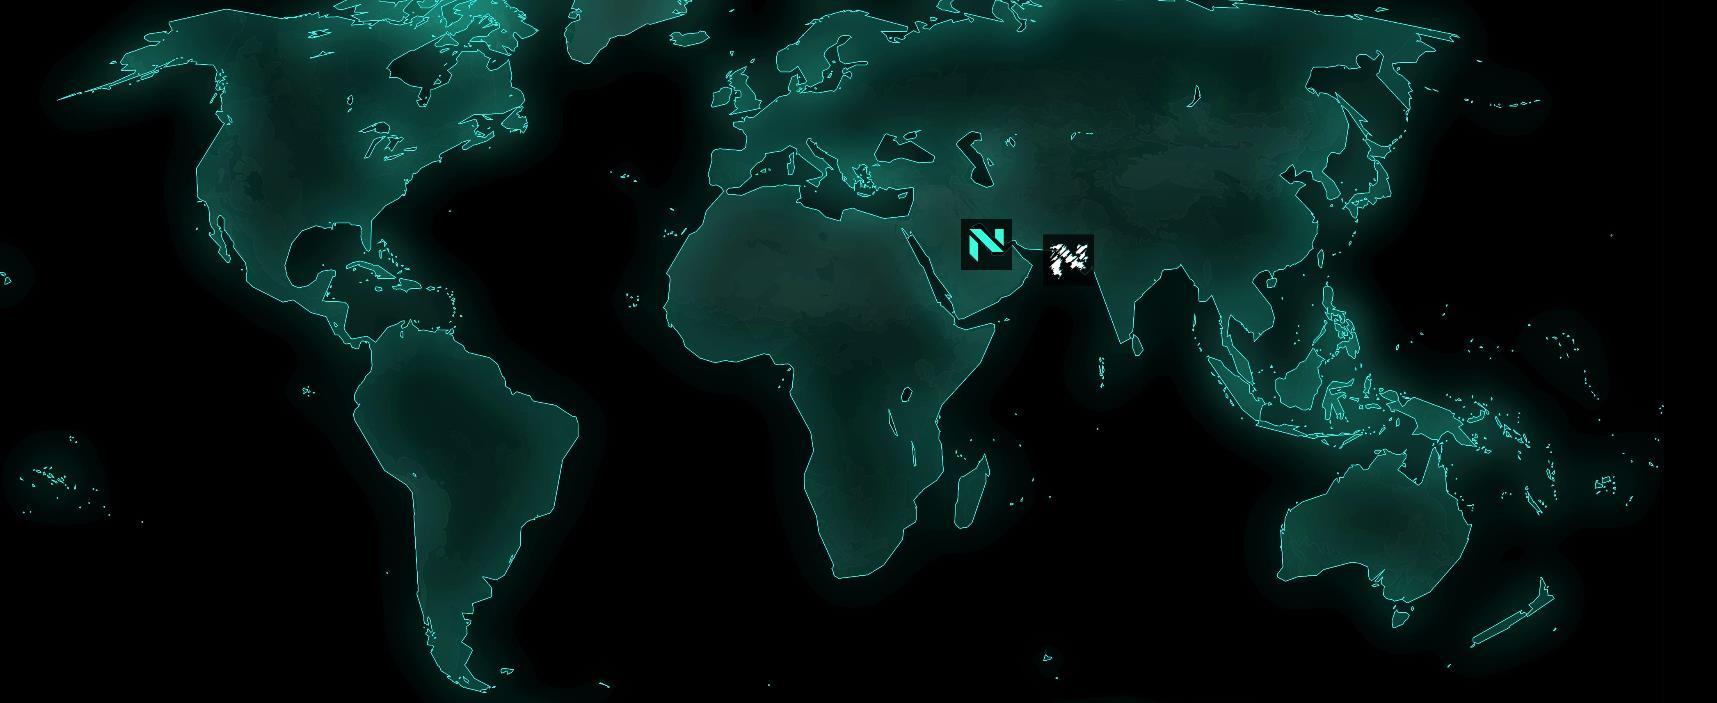 《战地风云 2042》无邦者之旅情报介绍 该作将于10月23日发售